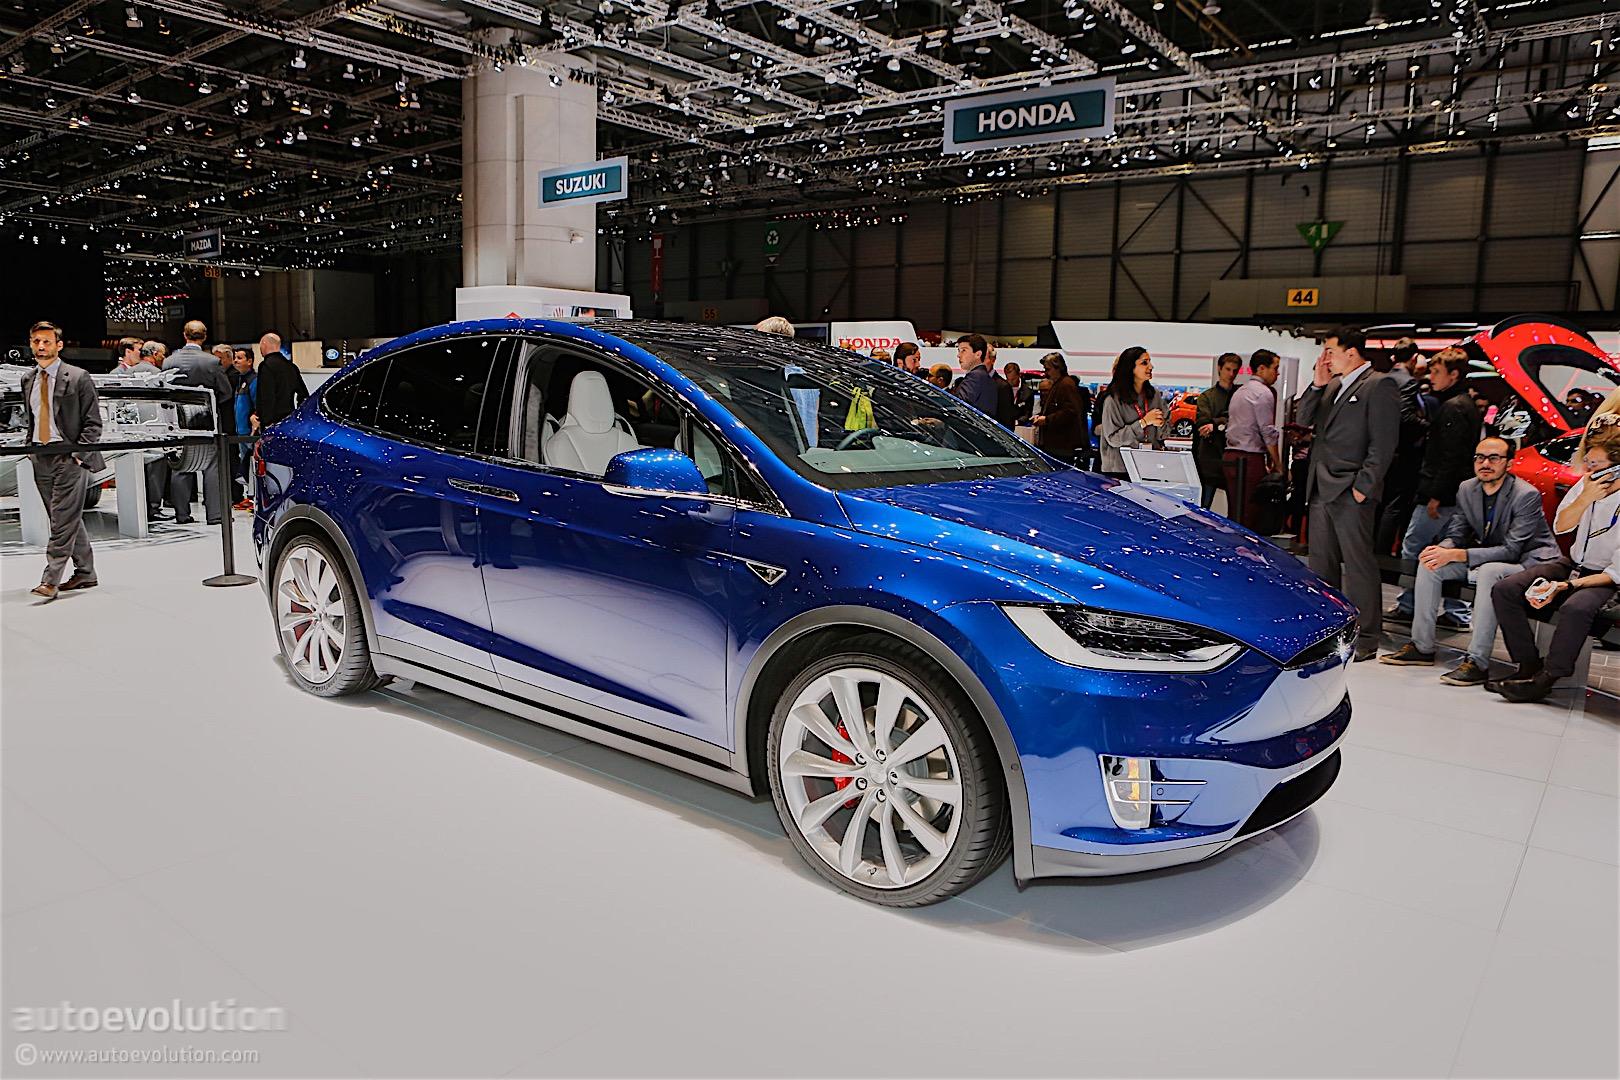 Tesla Showcases Model X Suv At Geneva Motor Show In